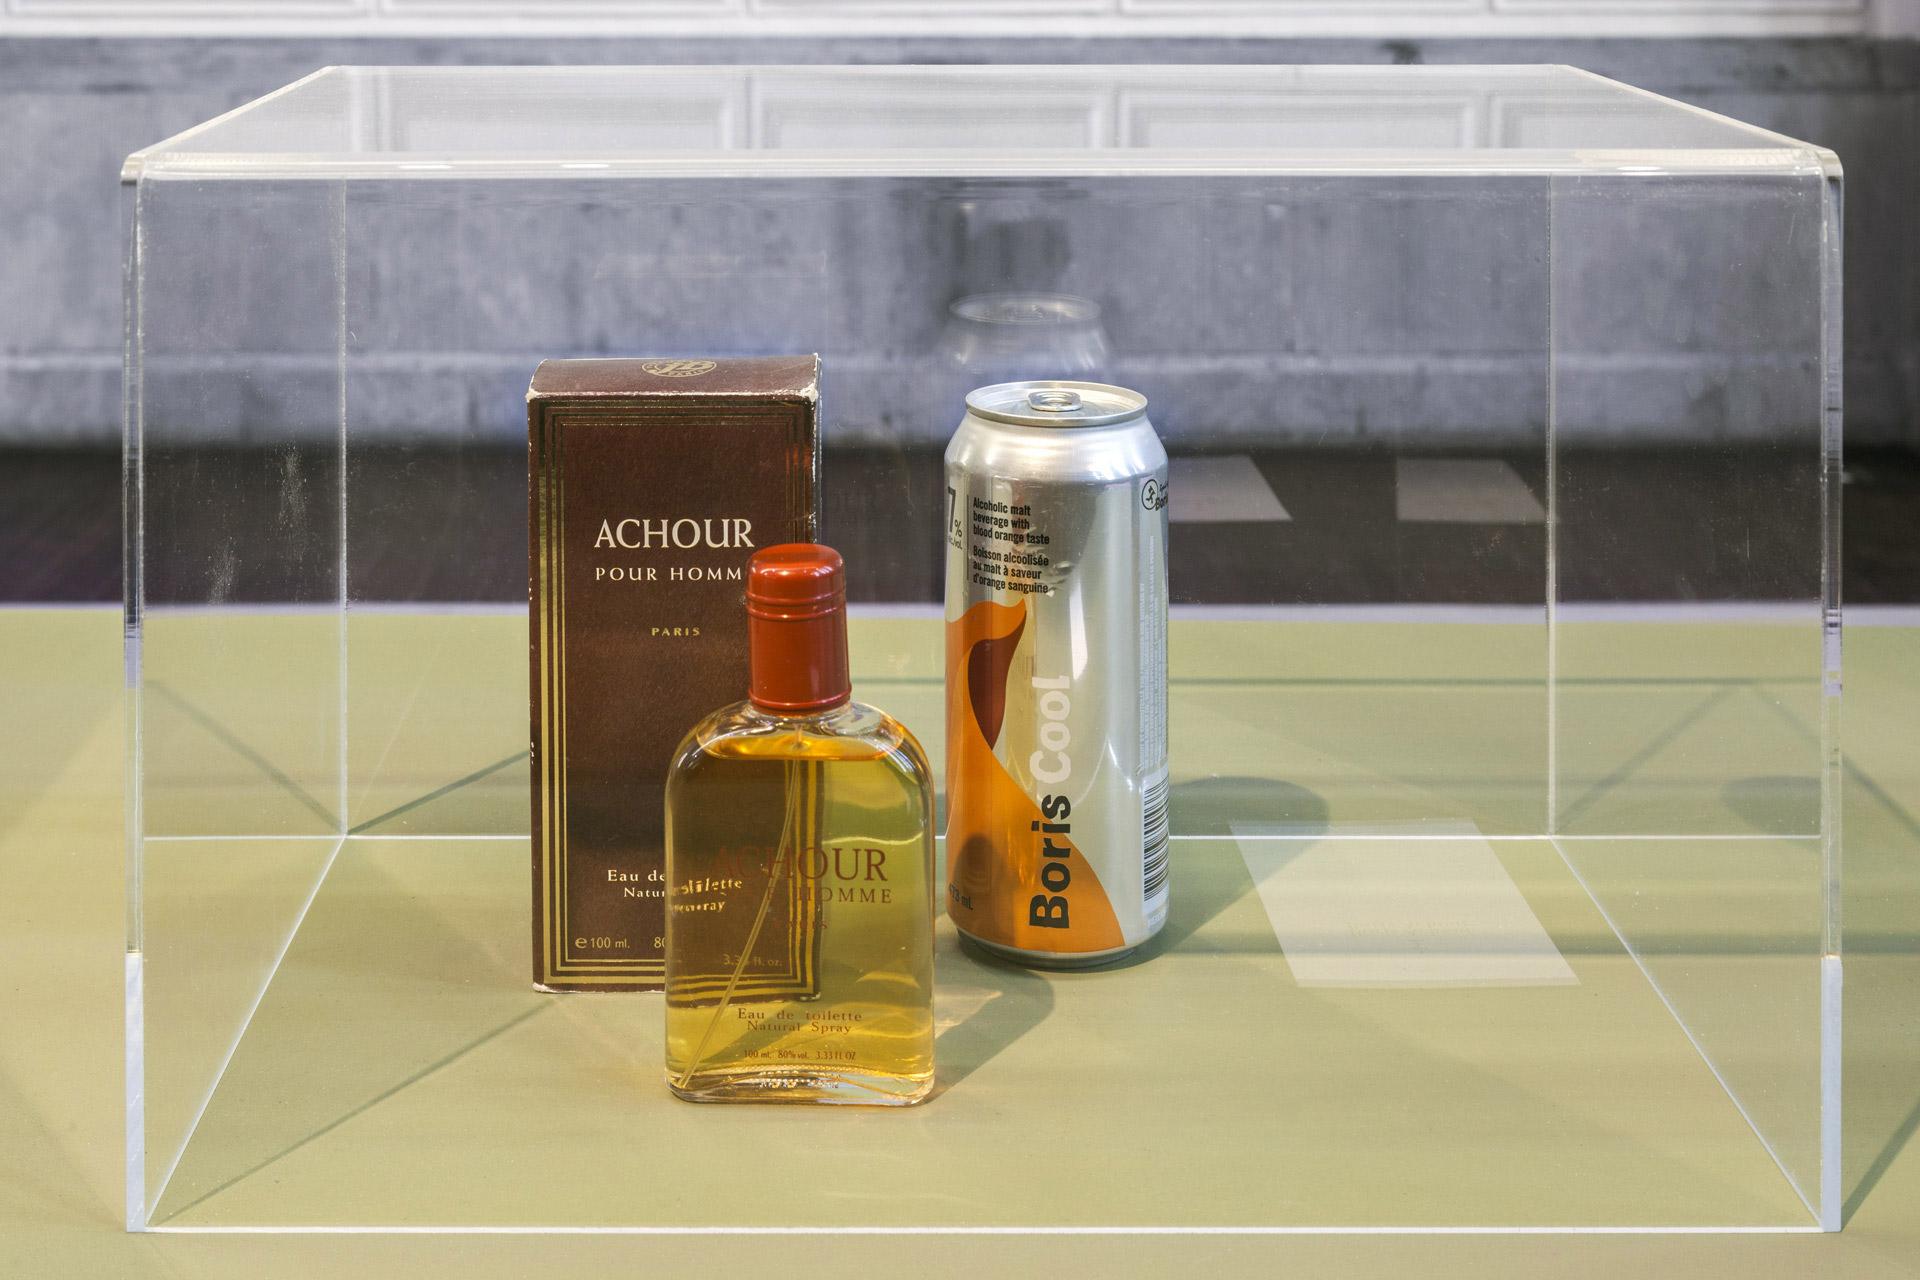 ArtBrussels_2017_MEMENTOS_Exhibition-detail-retouch.jpg